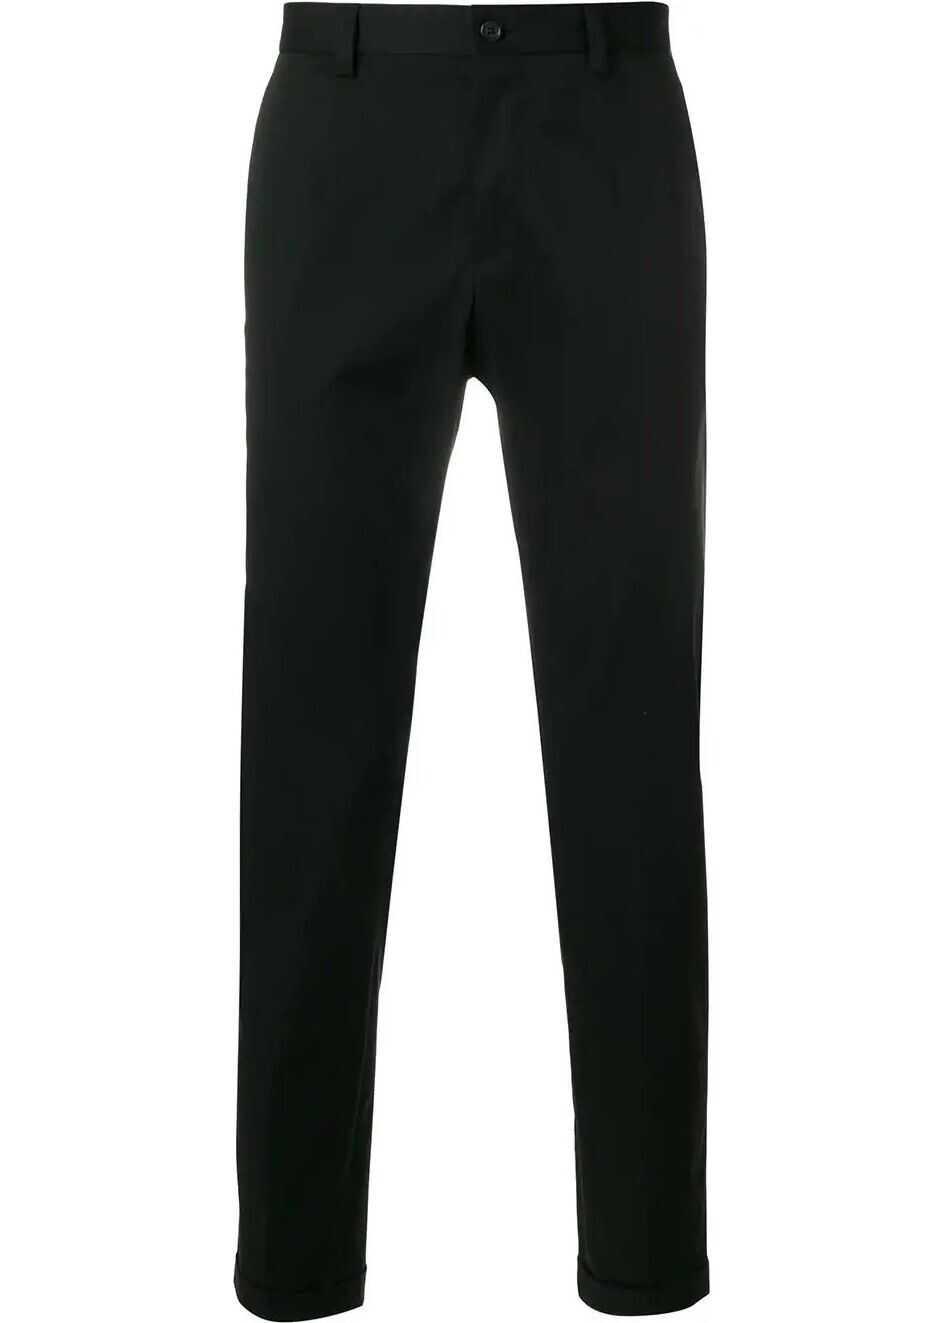 Dolce & Gabbana Cotton Pants BLACK